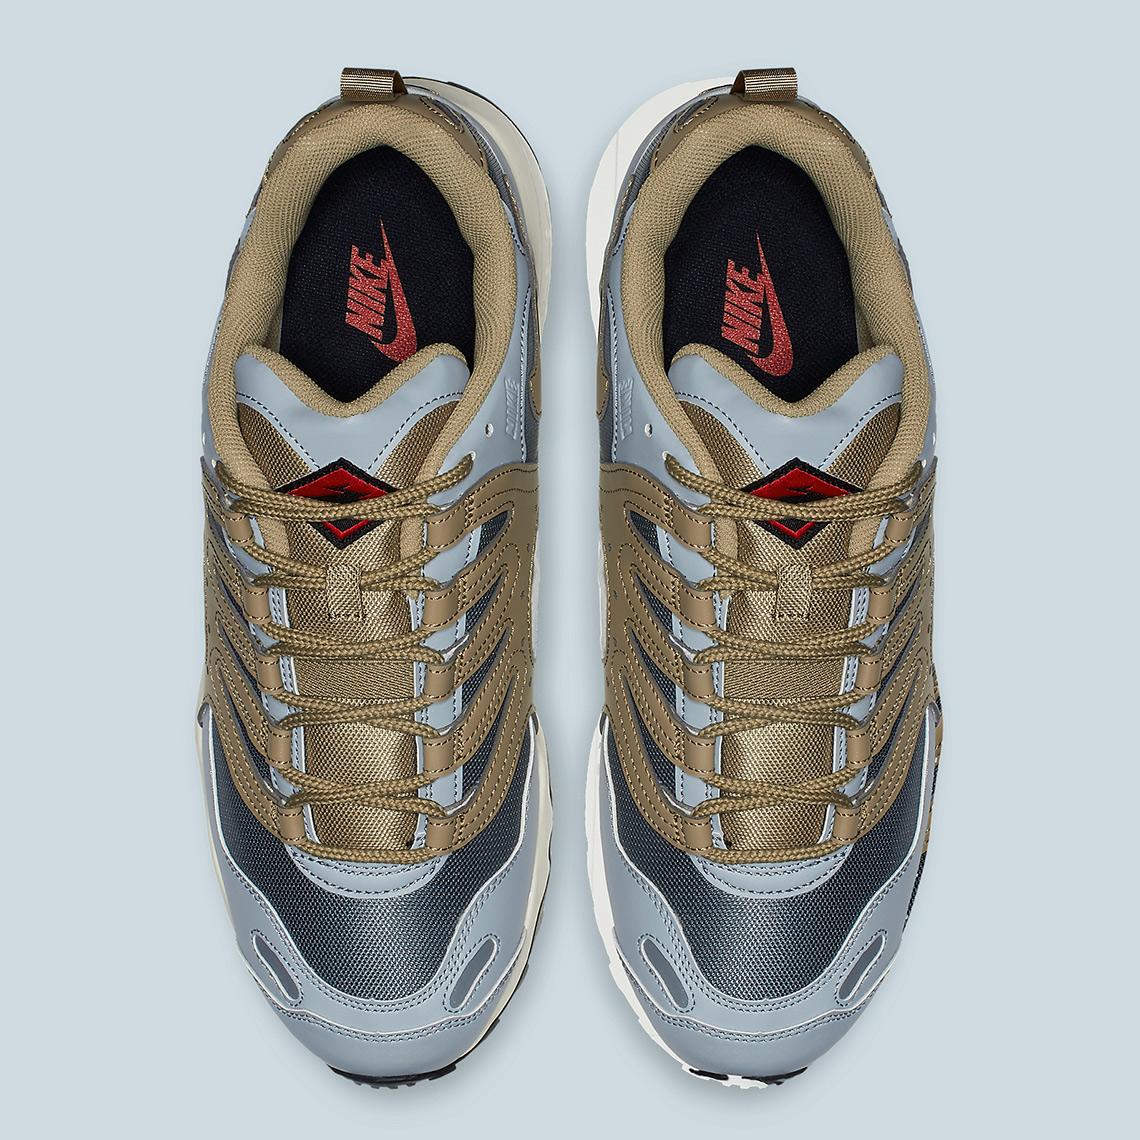 nike terra humara ao1545 001 6 - Nike Air Terra Humara AO1545-001 Available Now